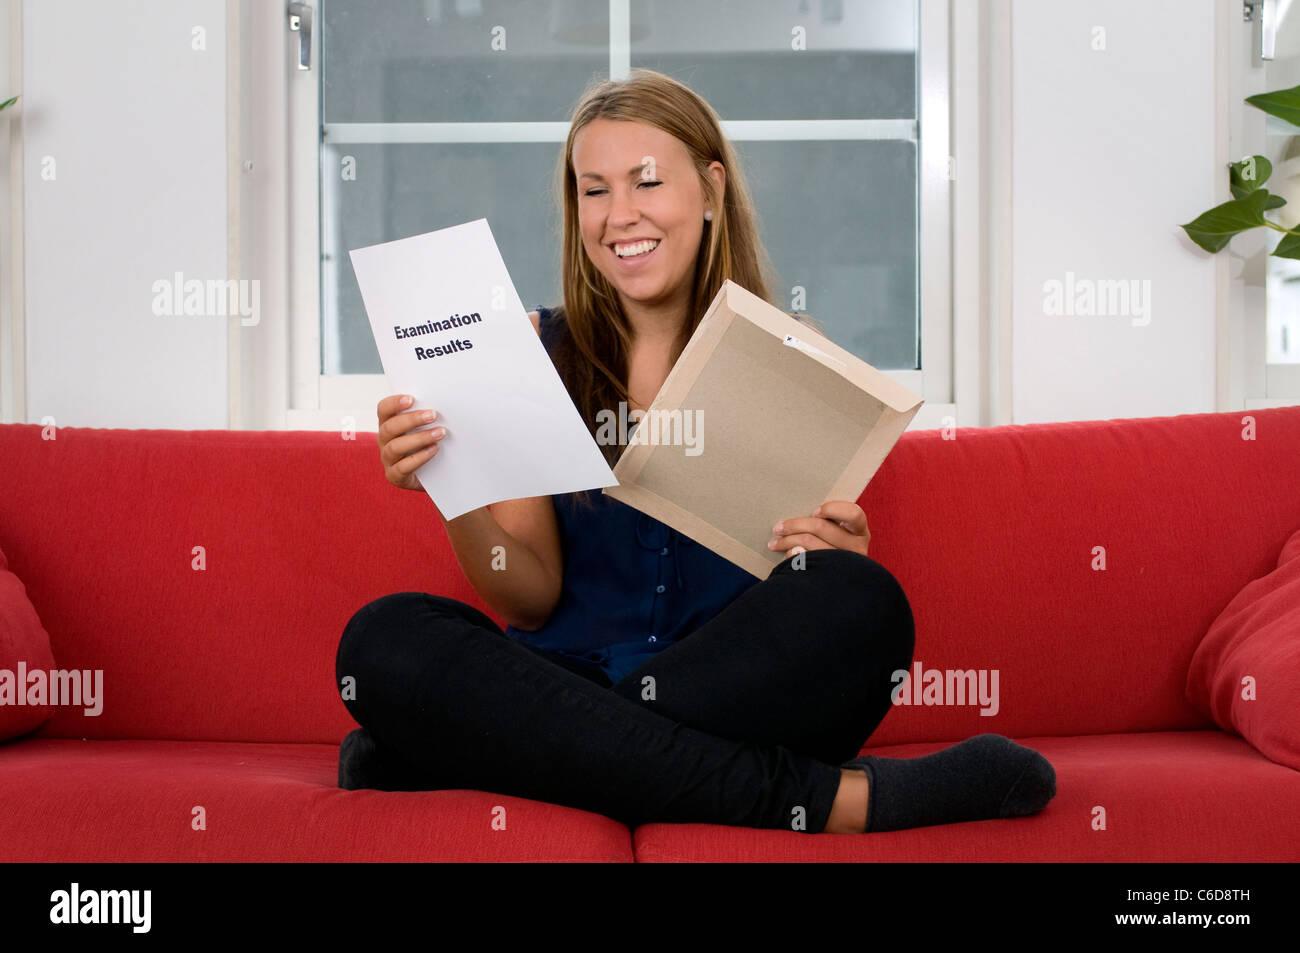 Junge Frau mit Prüfungsergebnissen Stockbild